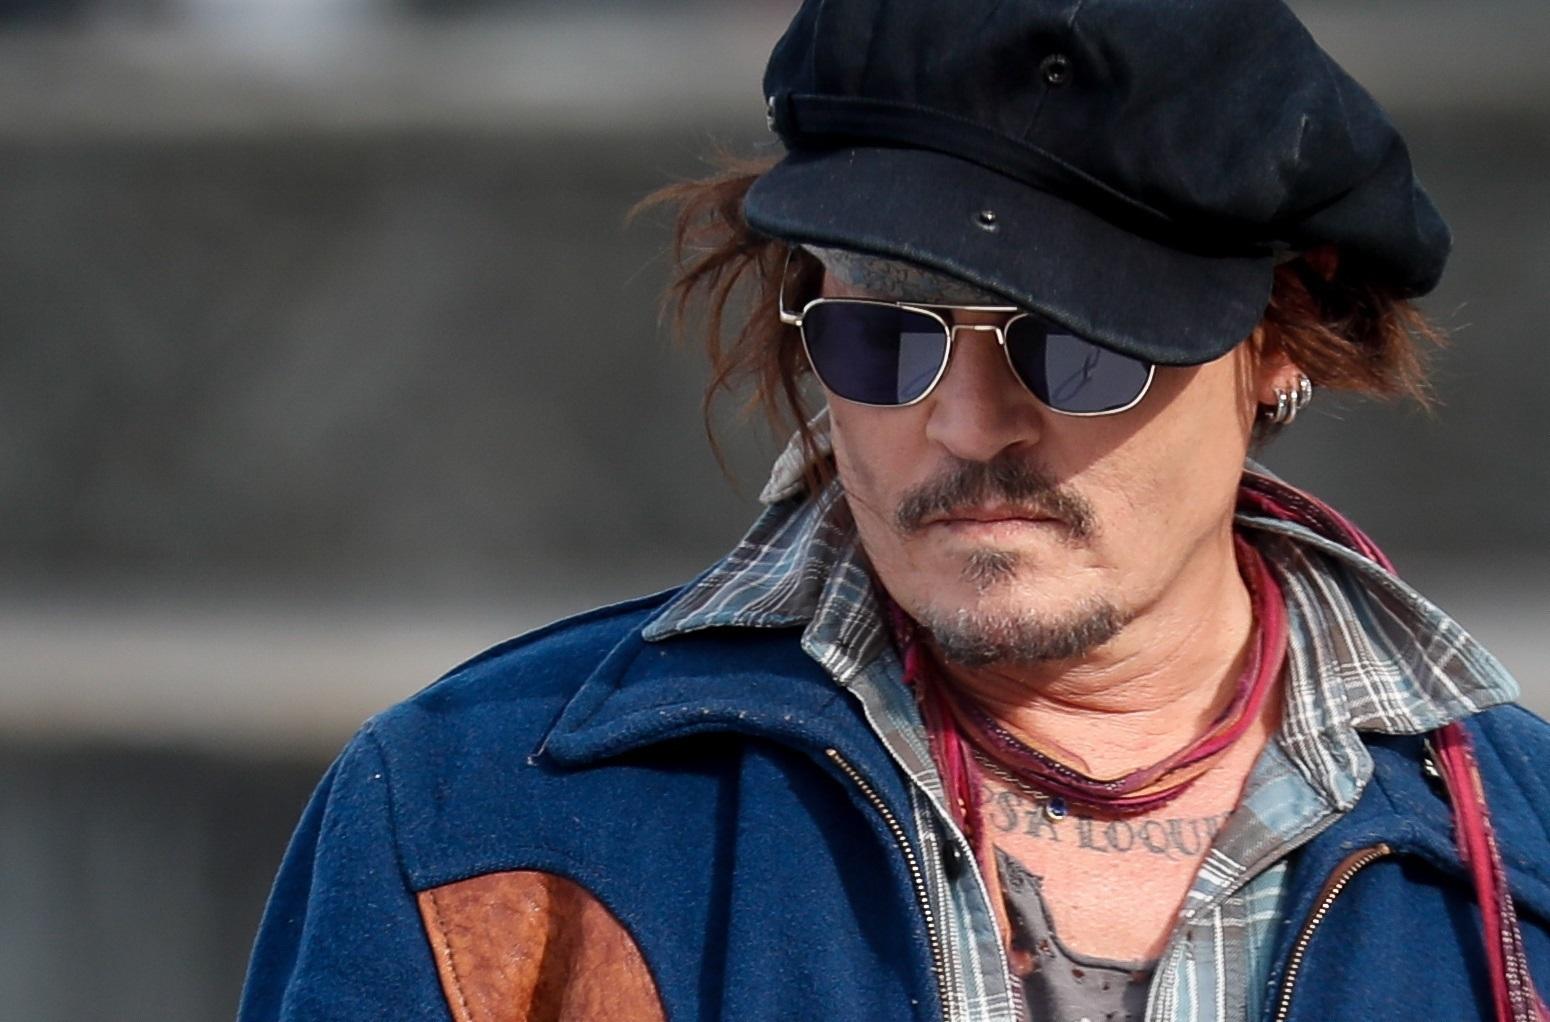 El actor estadounidense Johnny Depp posa ante la prensa antes de recoger el Premio Donostia en la gala de la noche.